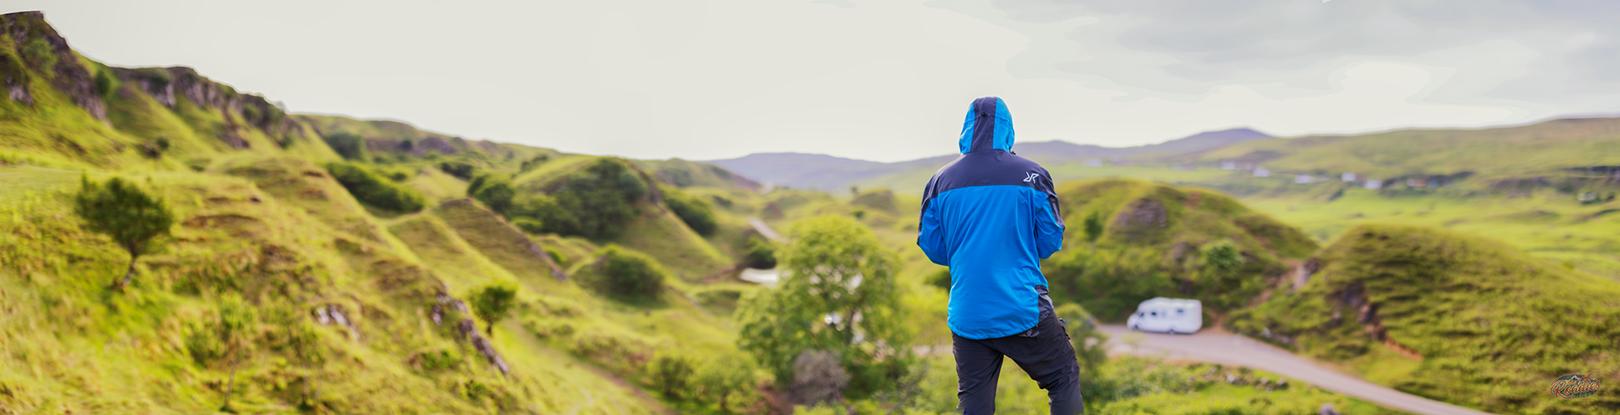 Erfahrungen_Schottland_Wohnmobil_Hund_Isle of Skye